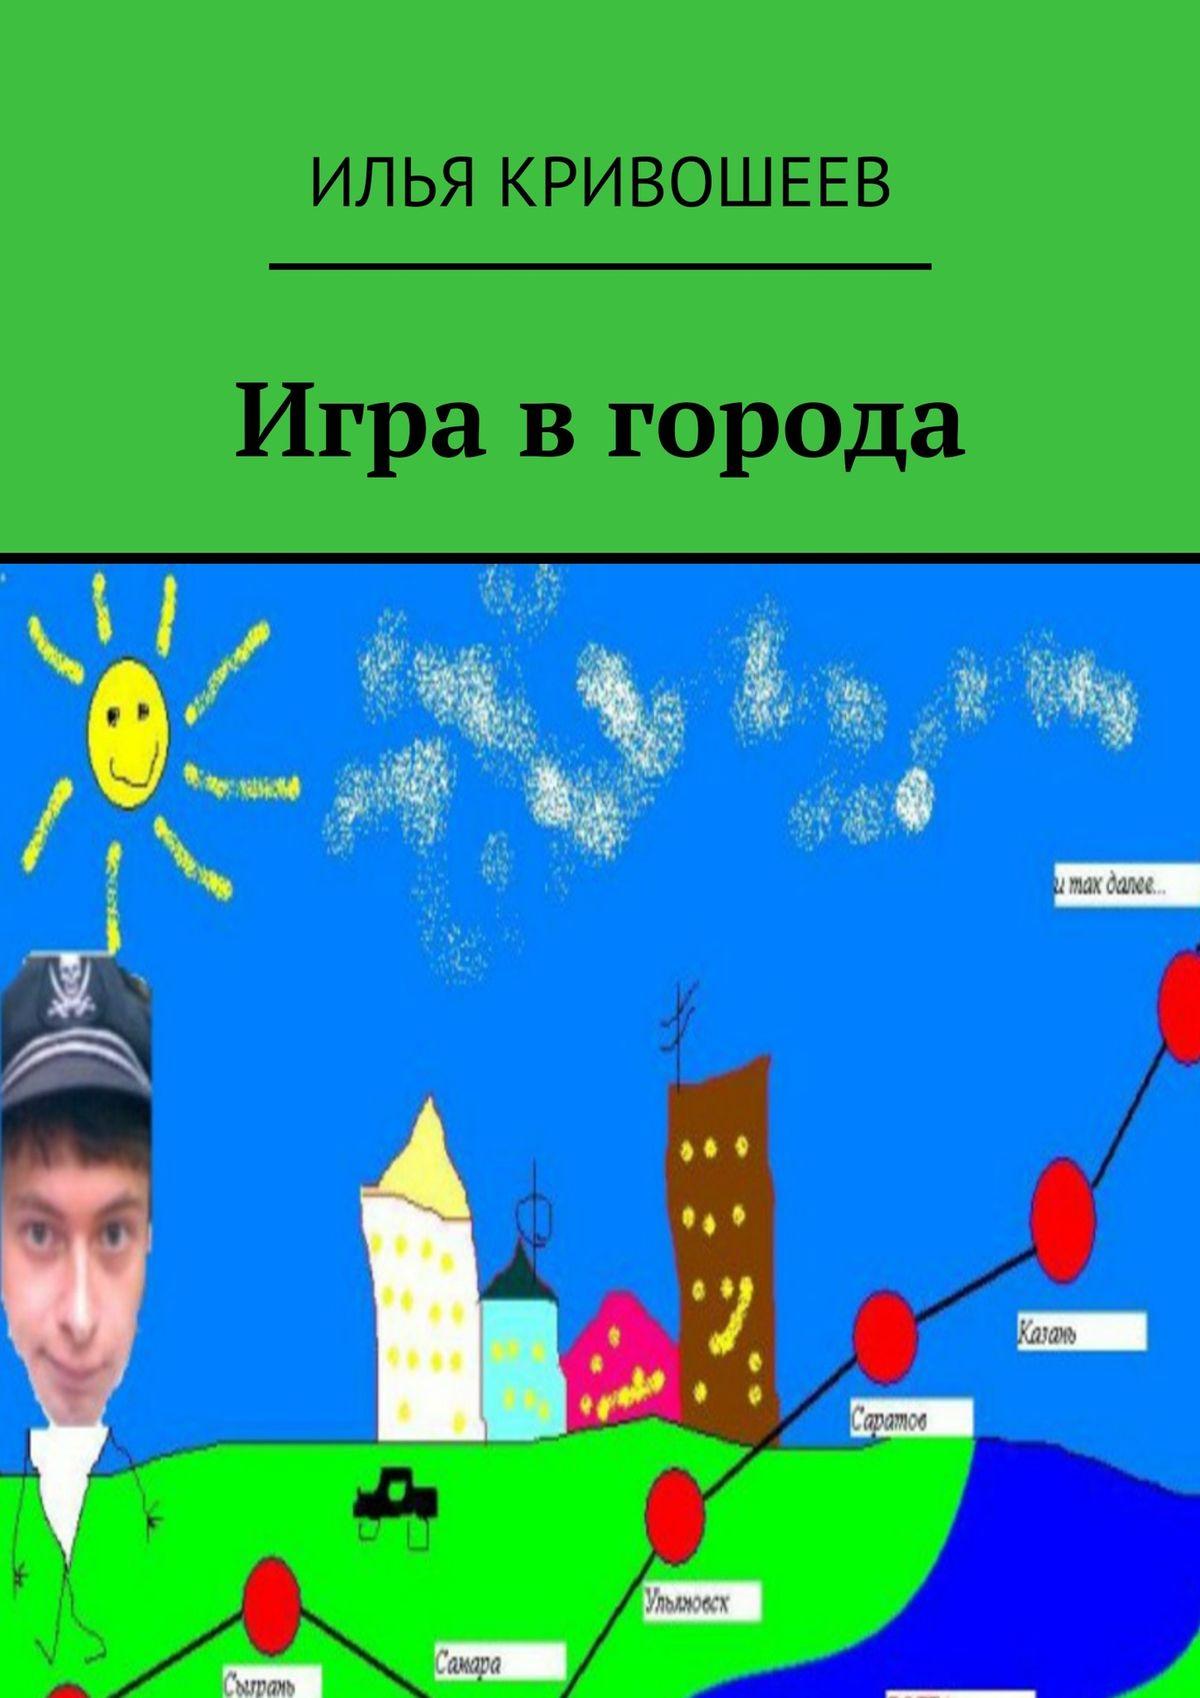 Илья Криошее Игра города